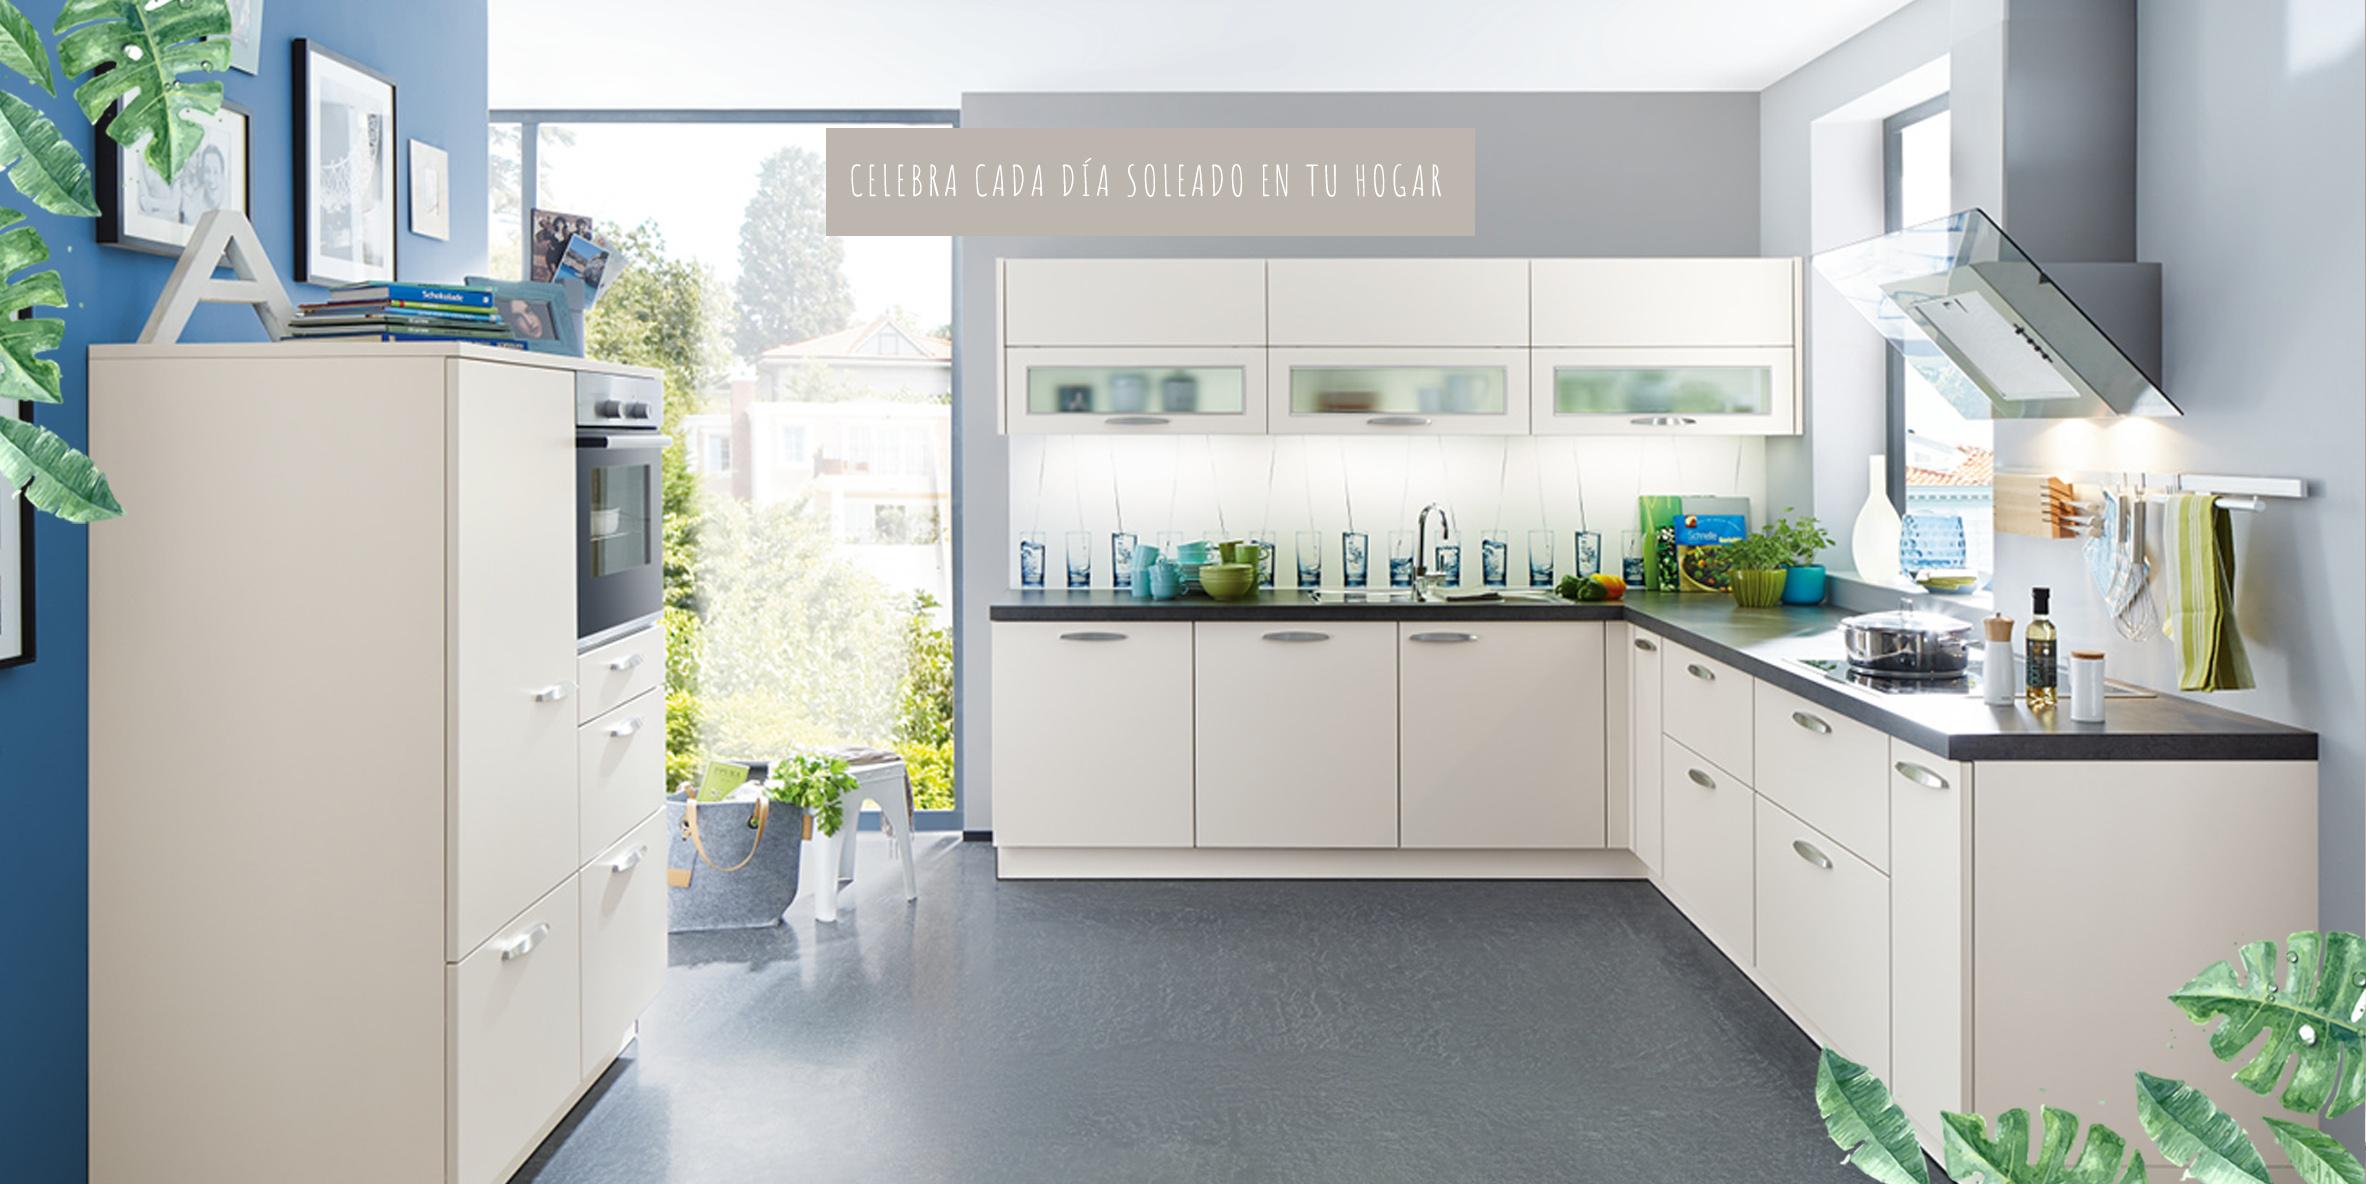 Bienvenidos a dg muebles cocinas i mobiliario de hogar y - Cocinas san sebastian ...